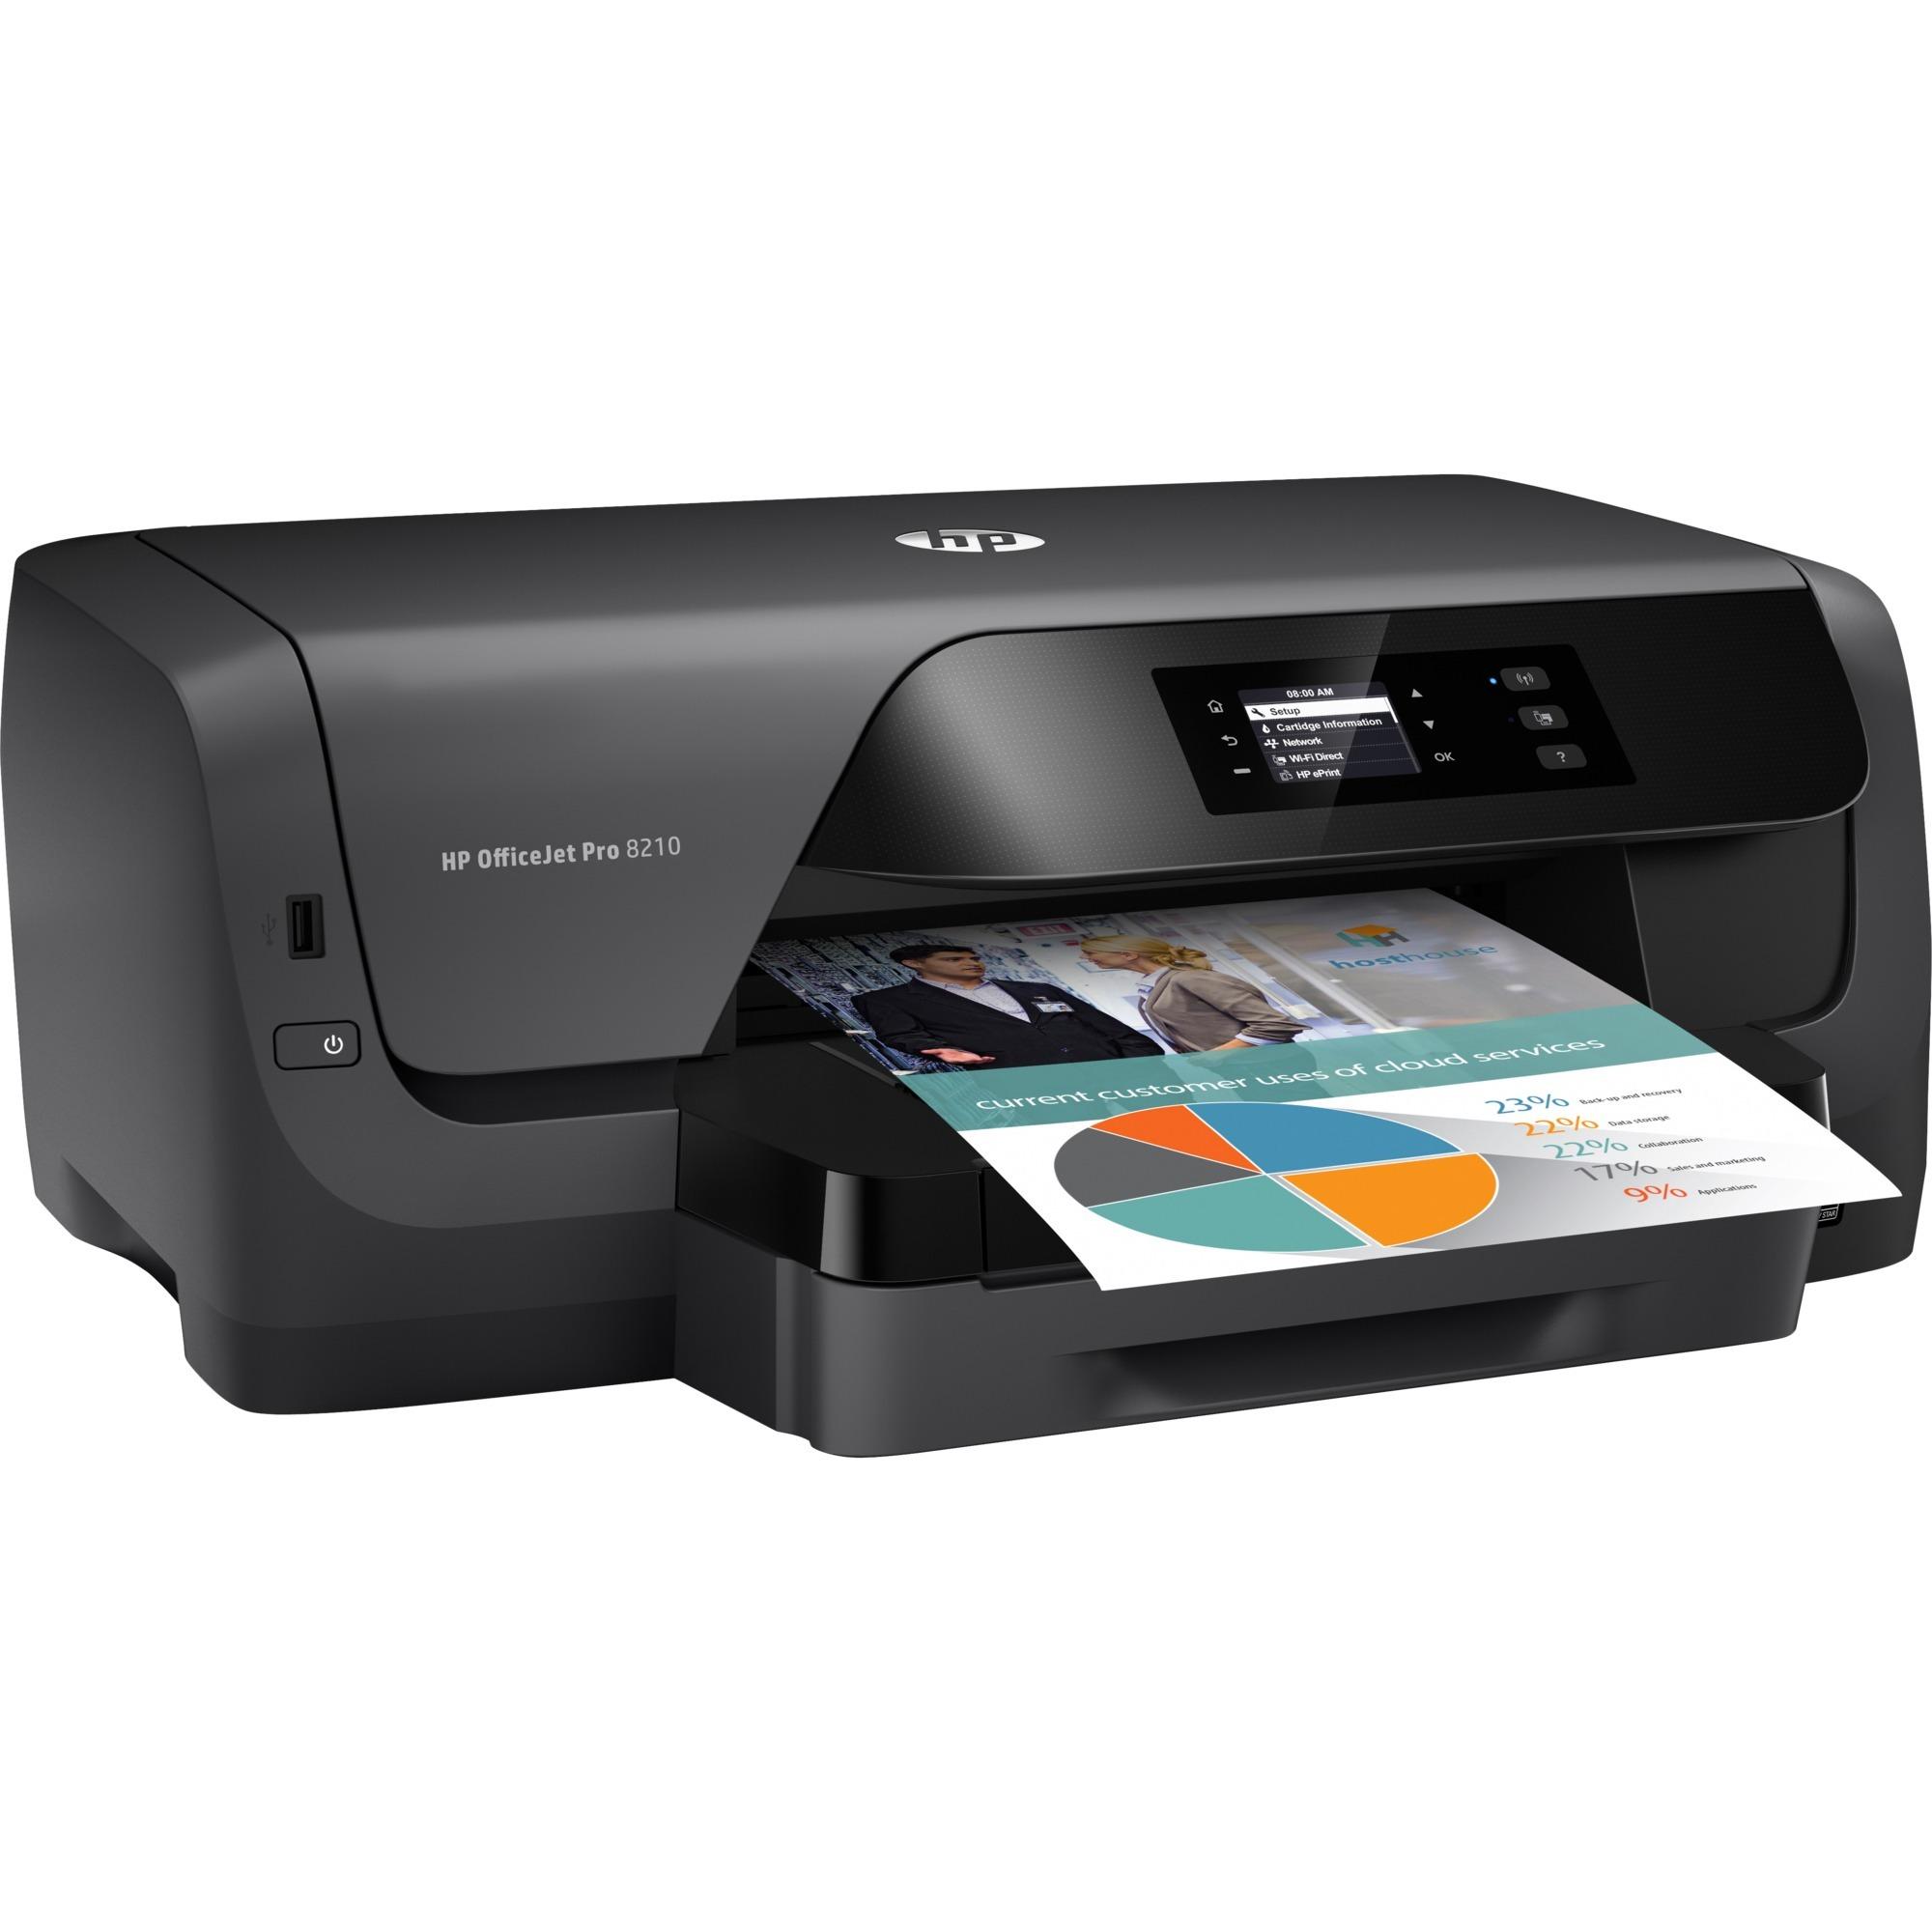 Officejet Imprimante Pro 8210, Imprimante jet d'encre